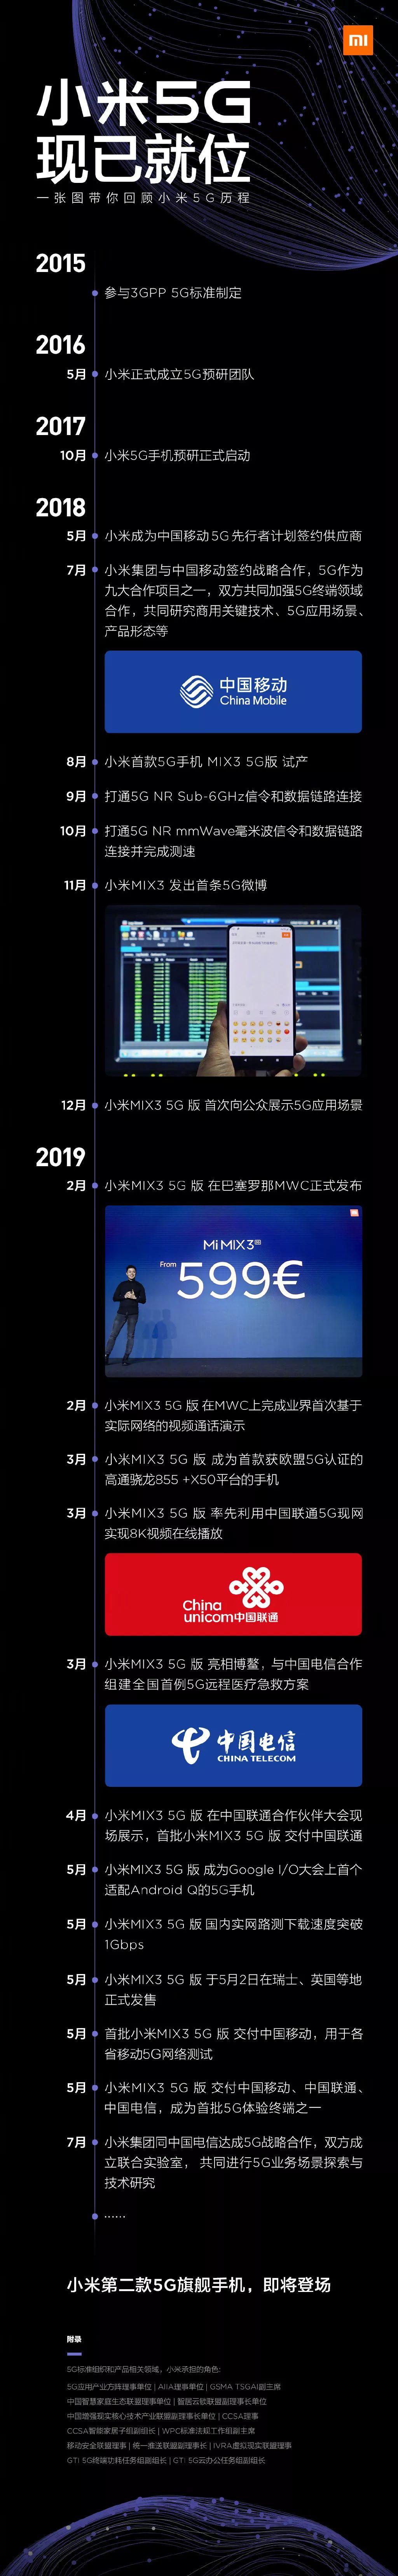 资讯 小米5G手机即将发布将搭载骁龙855 Plus+45W快充